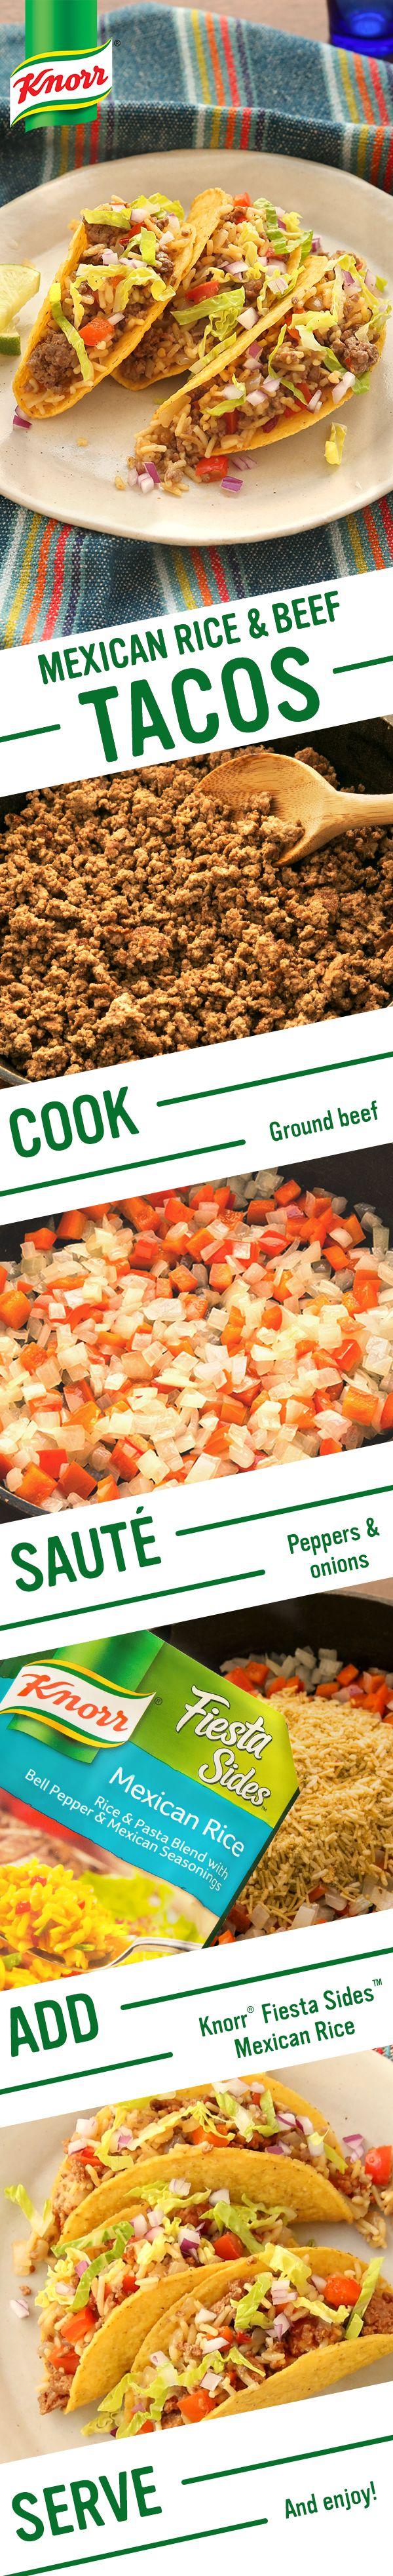 Best Kitchen Tool To Make Shredded Lettuce